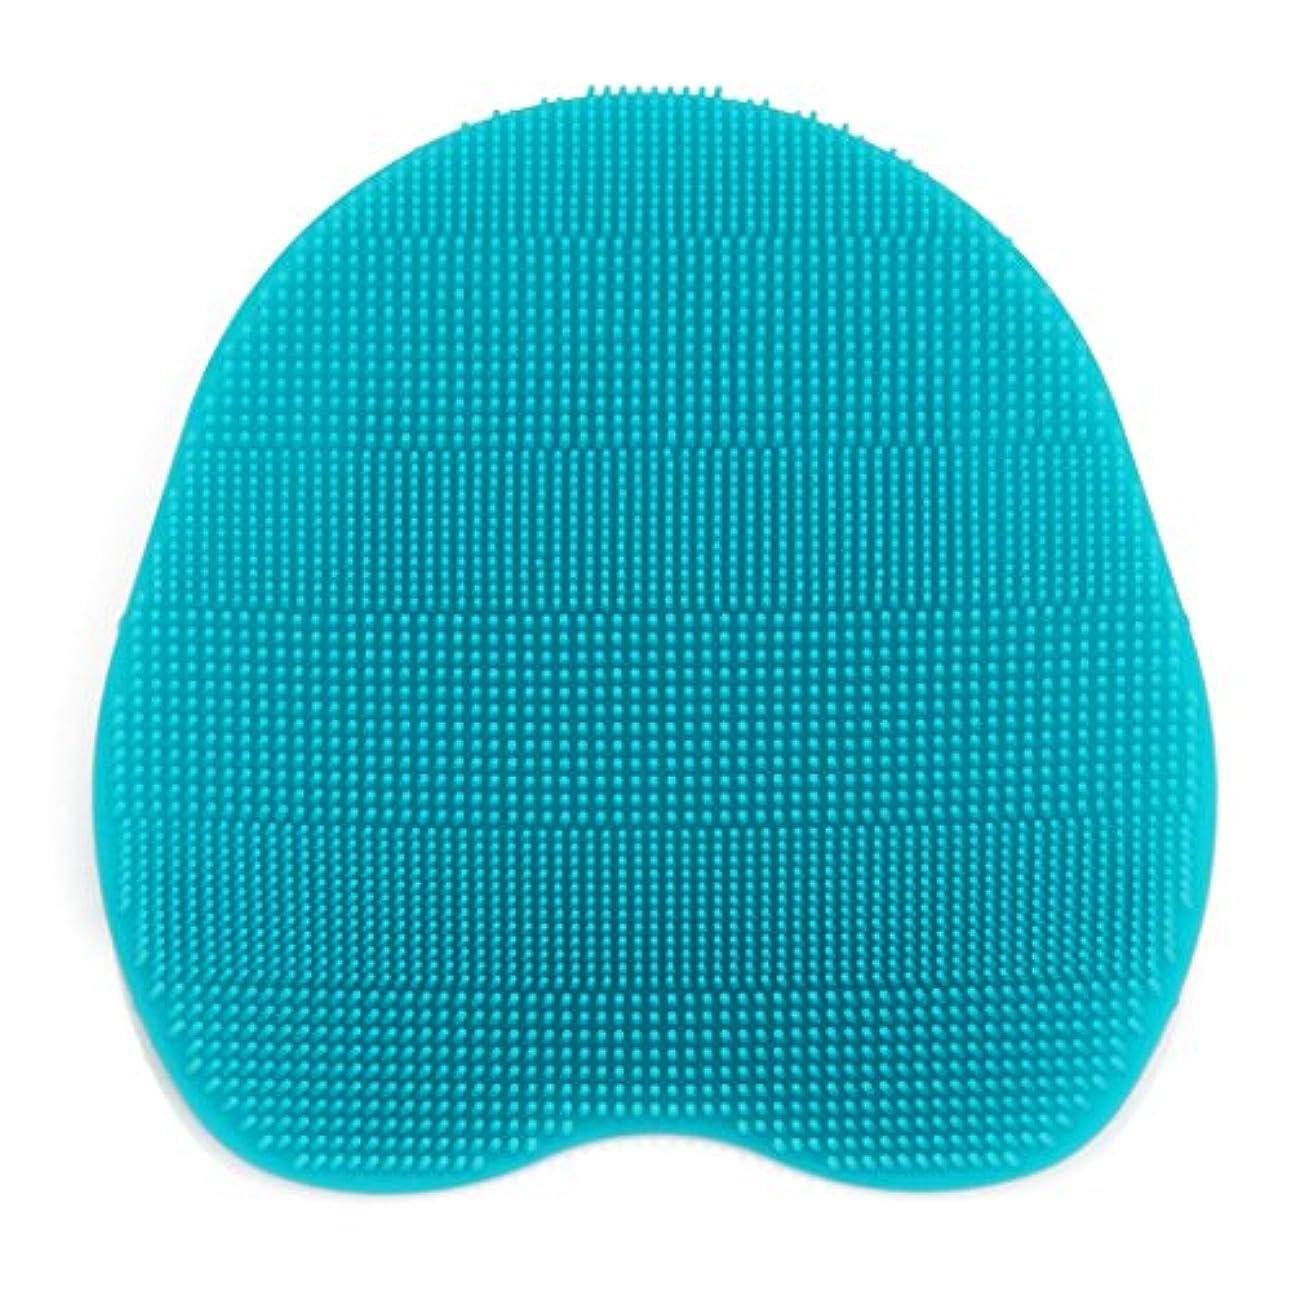 ベスト夫配置Kapmore シリコンブラシ ウォッシュ ボディブラシ マッサージ シャワー 肌にやさしい 体洗い 風呂 フットケア 4色選択可能 衛生 角質取り 毛穴清潔 泡立ち 多機能 (シアン)